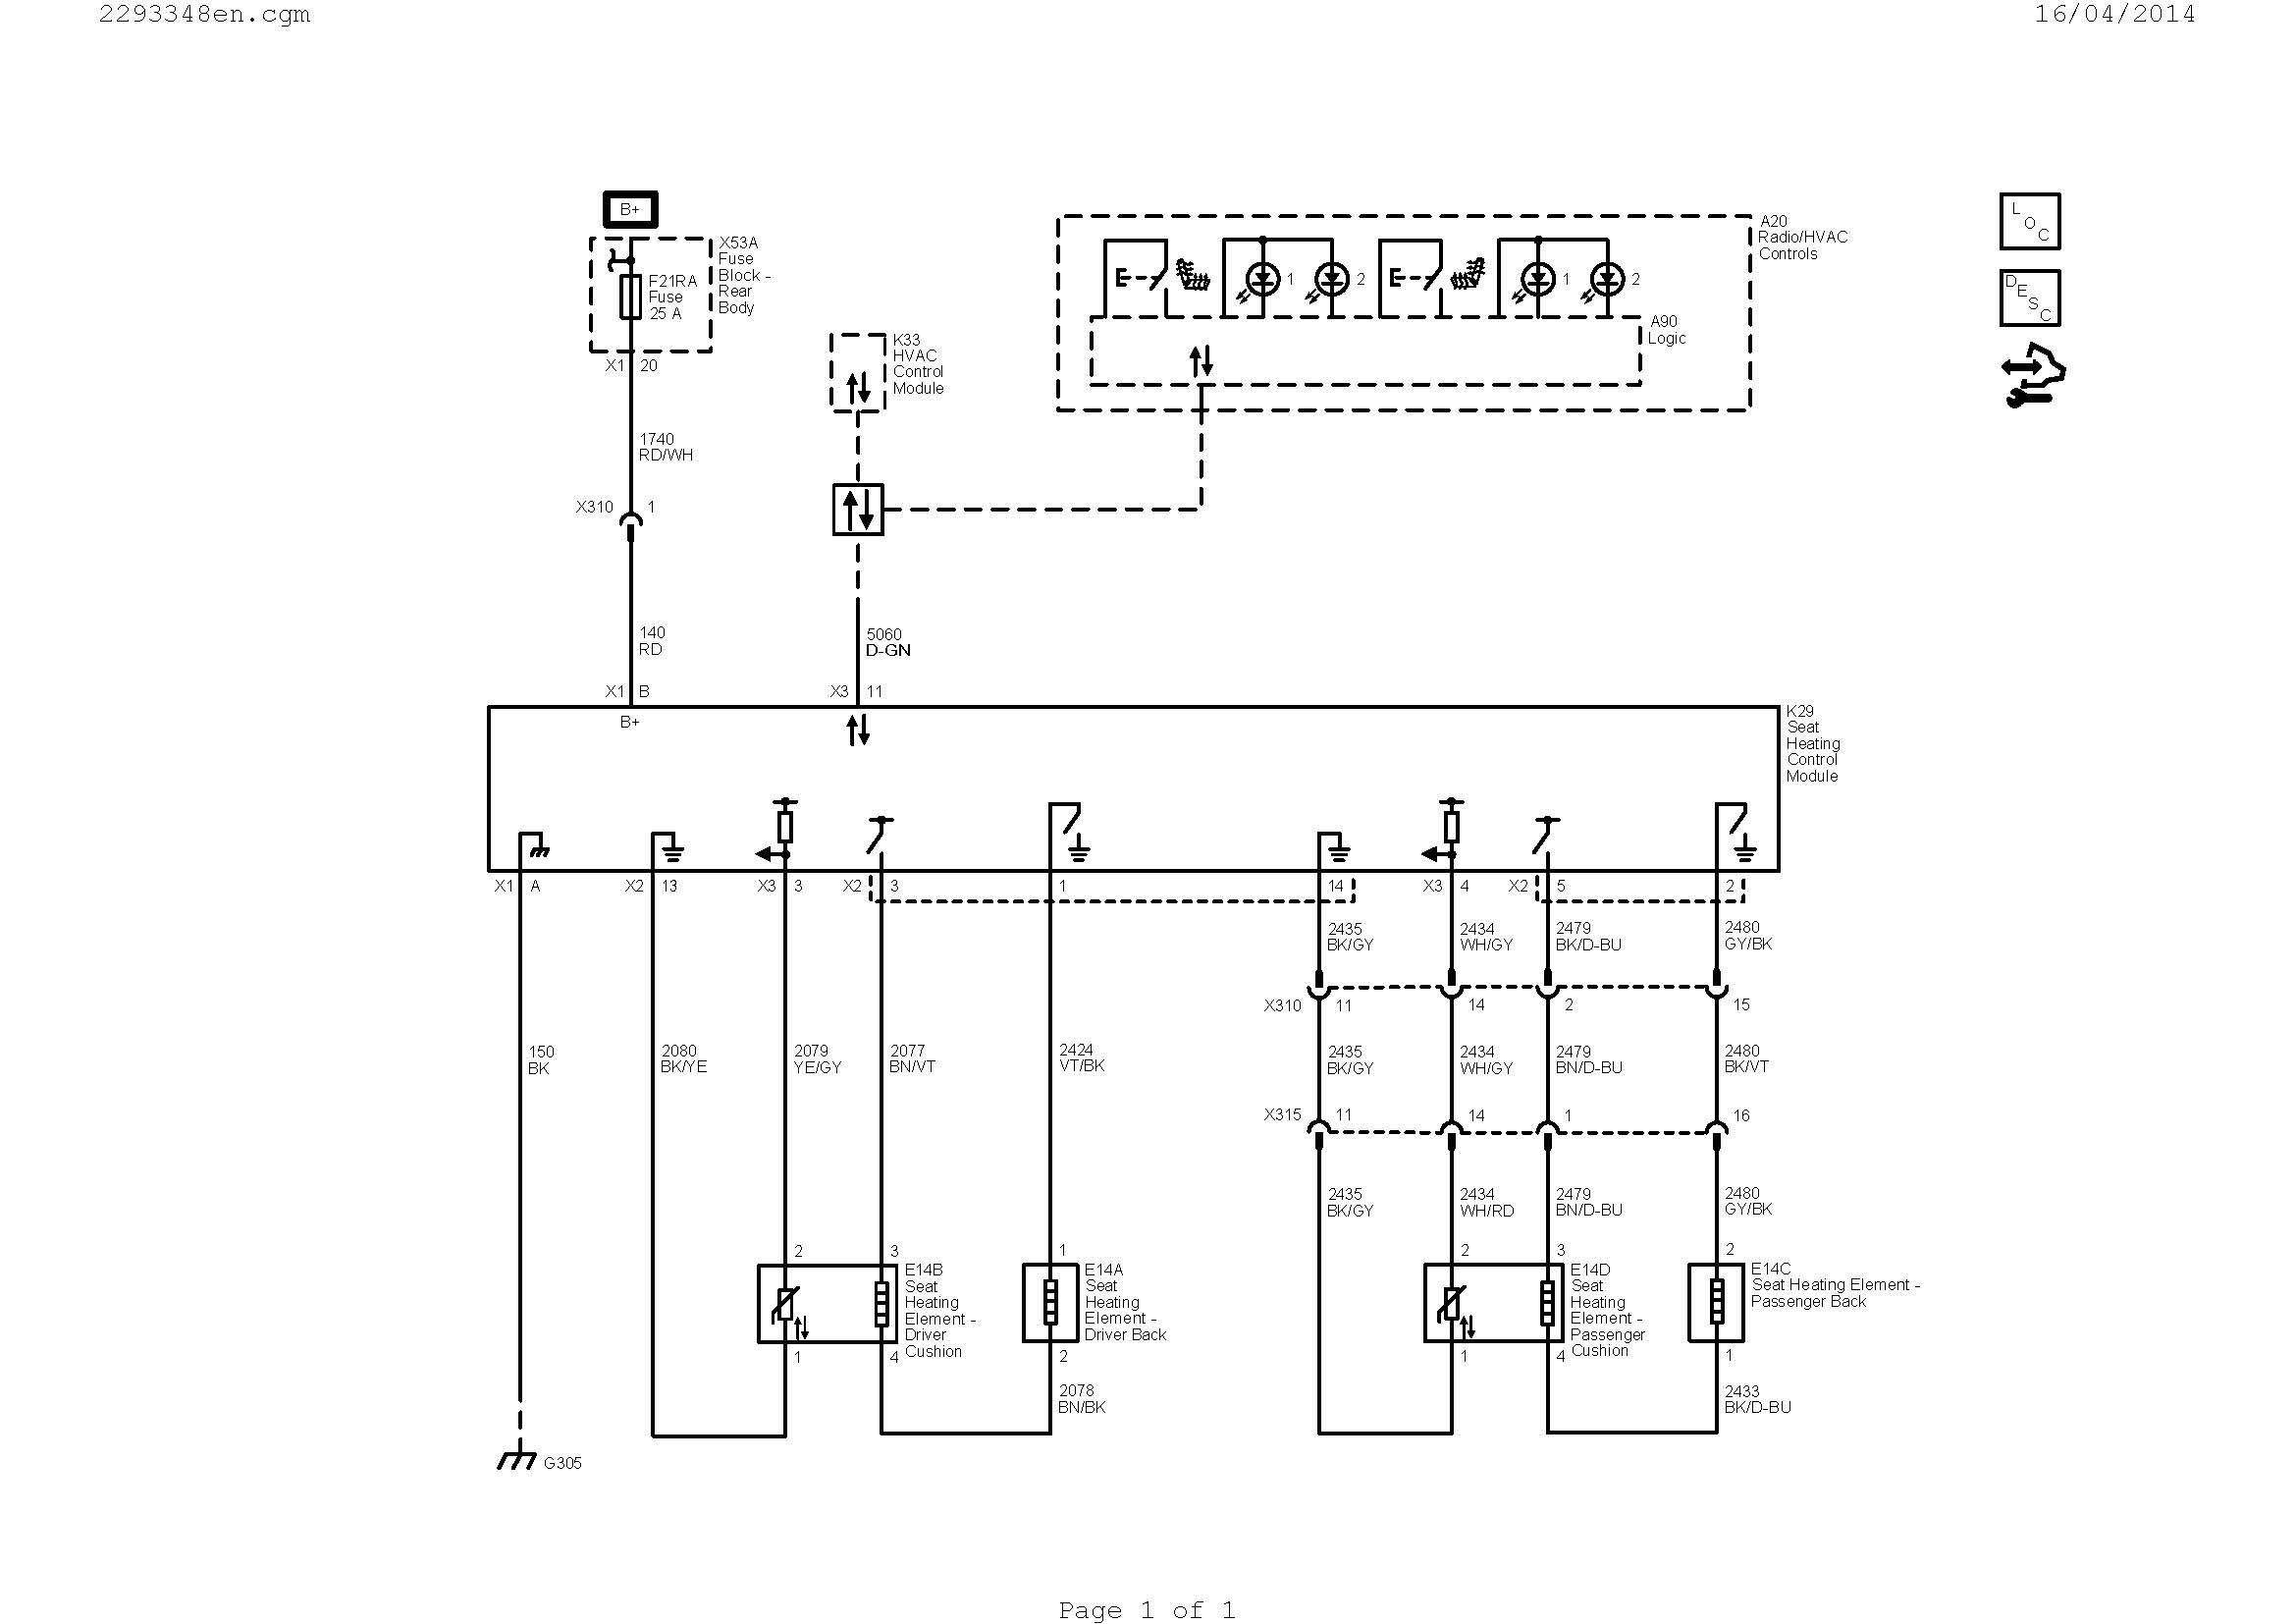 2004 ford Freestar Engine Diagram Wrg 9159] F Wiring Diagram Of 2004 ford Freestar Engine Diagram